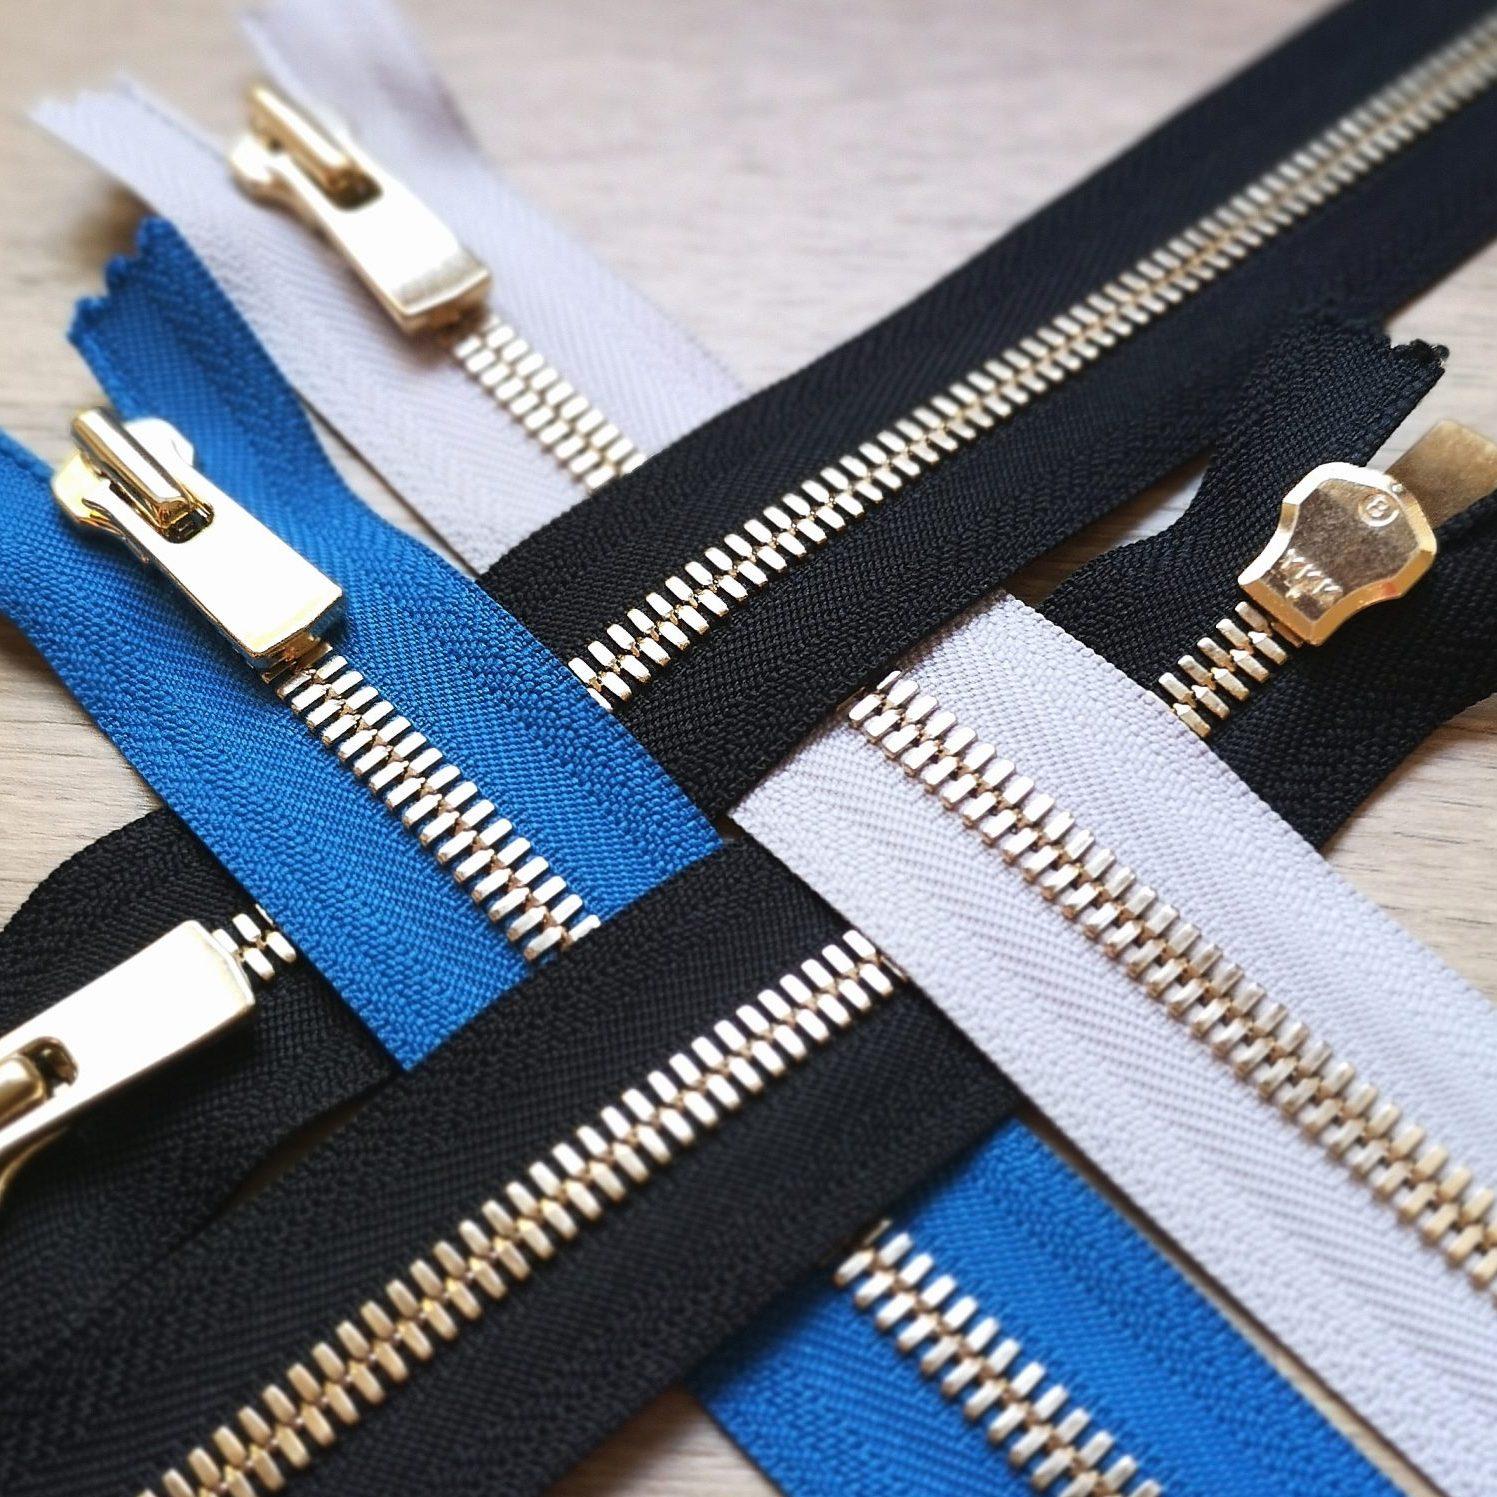 Kontainer Copenhagen YKK Excella zippers